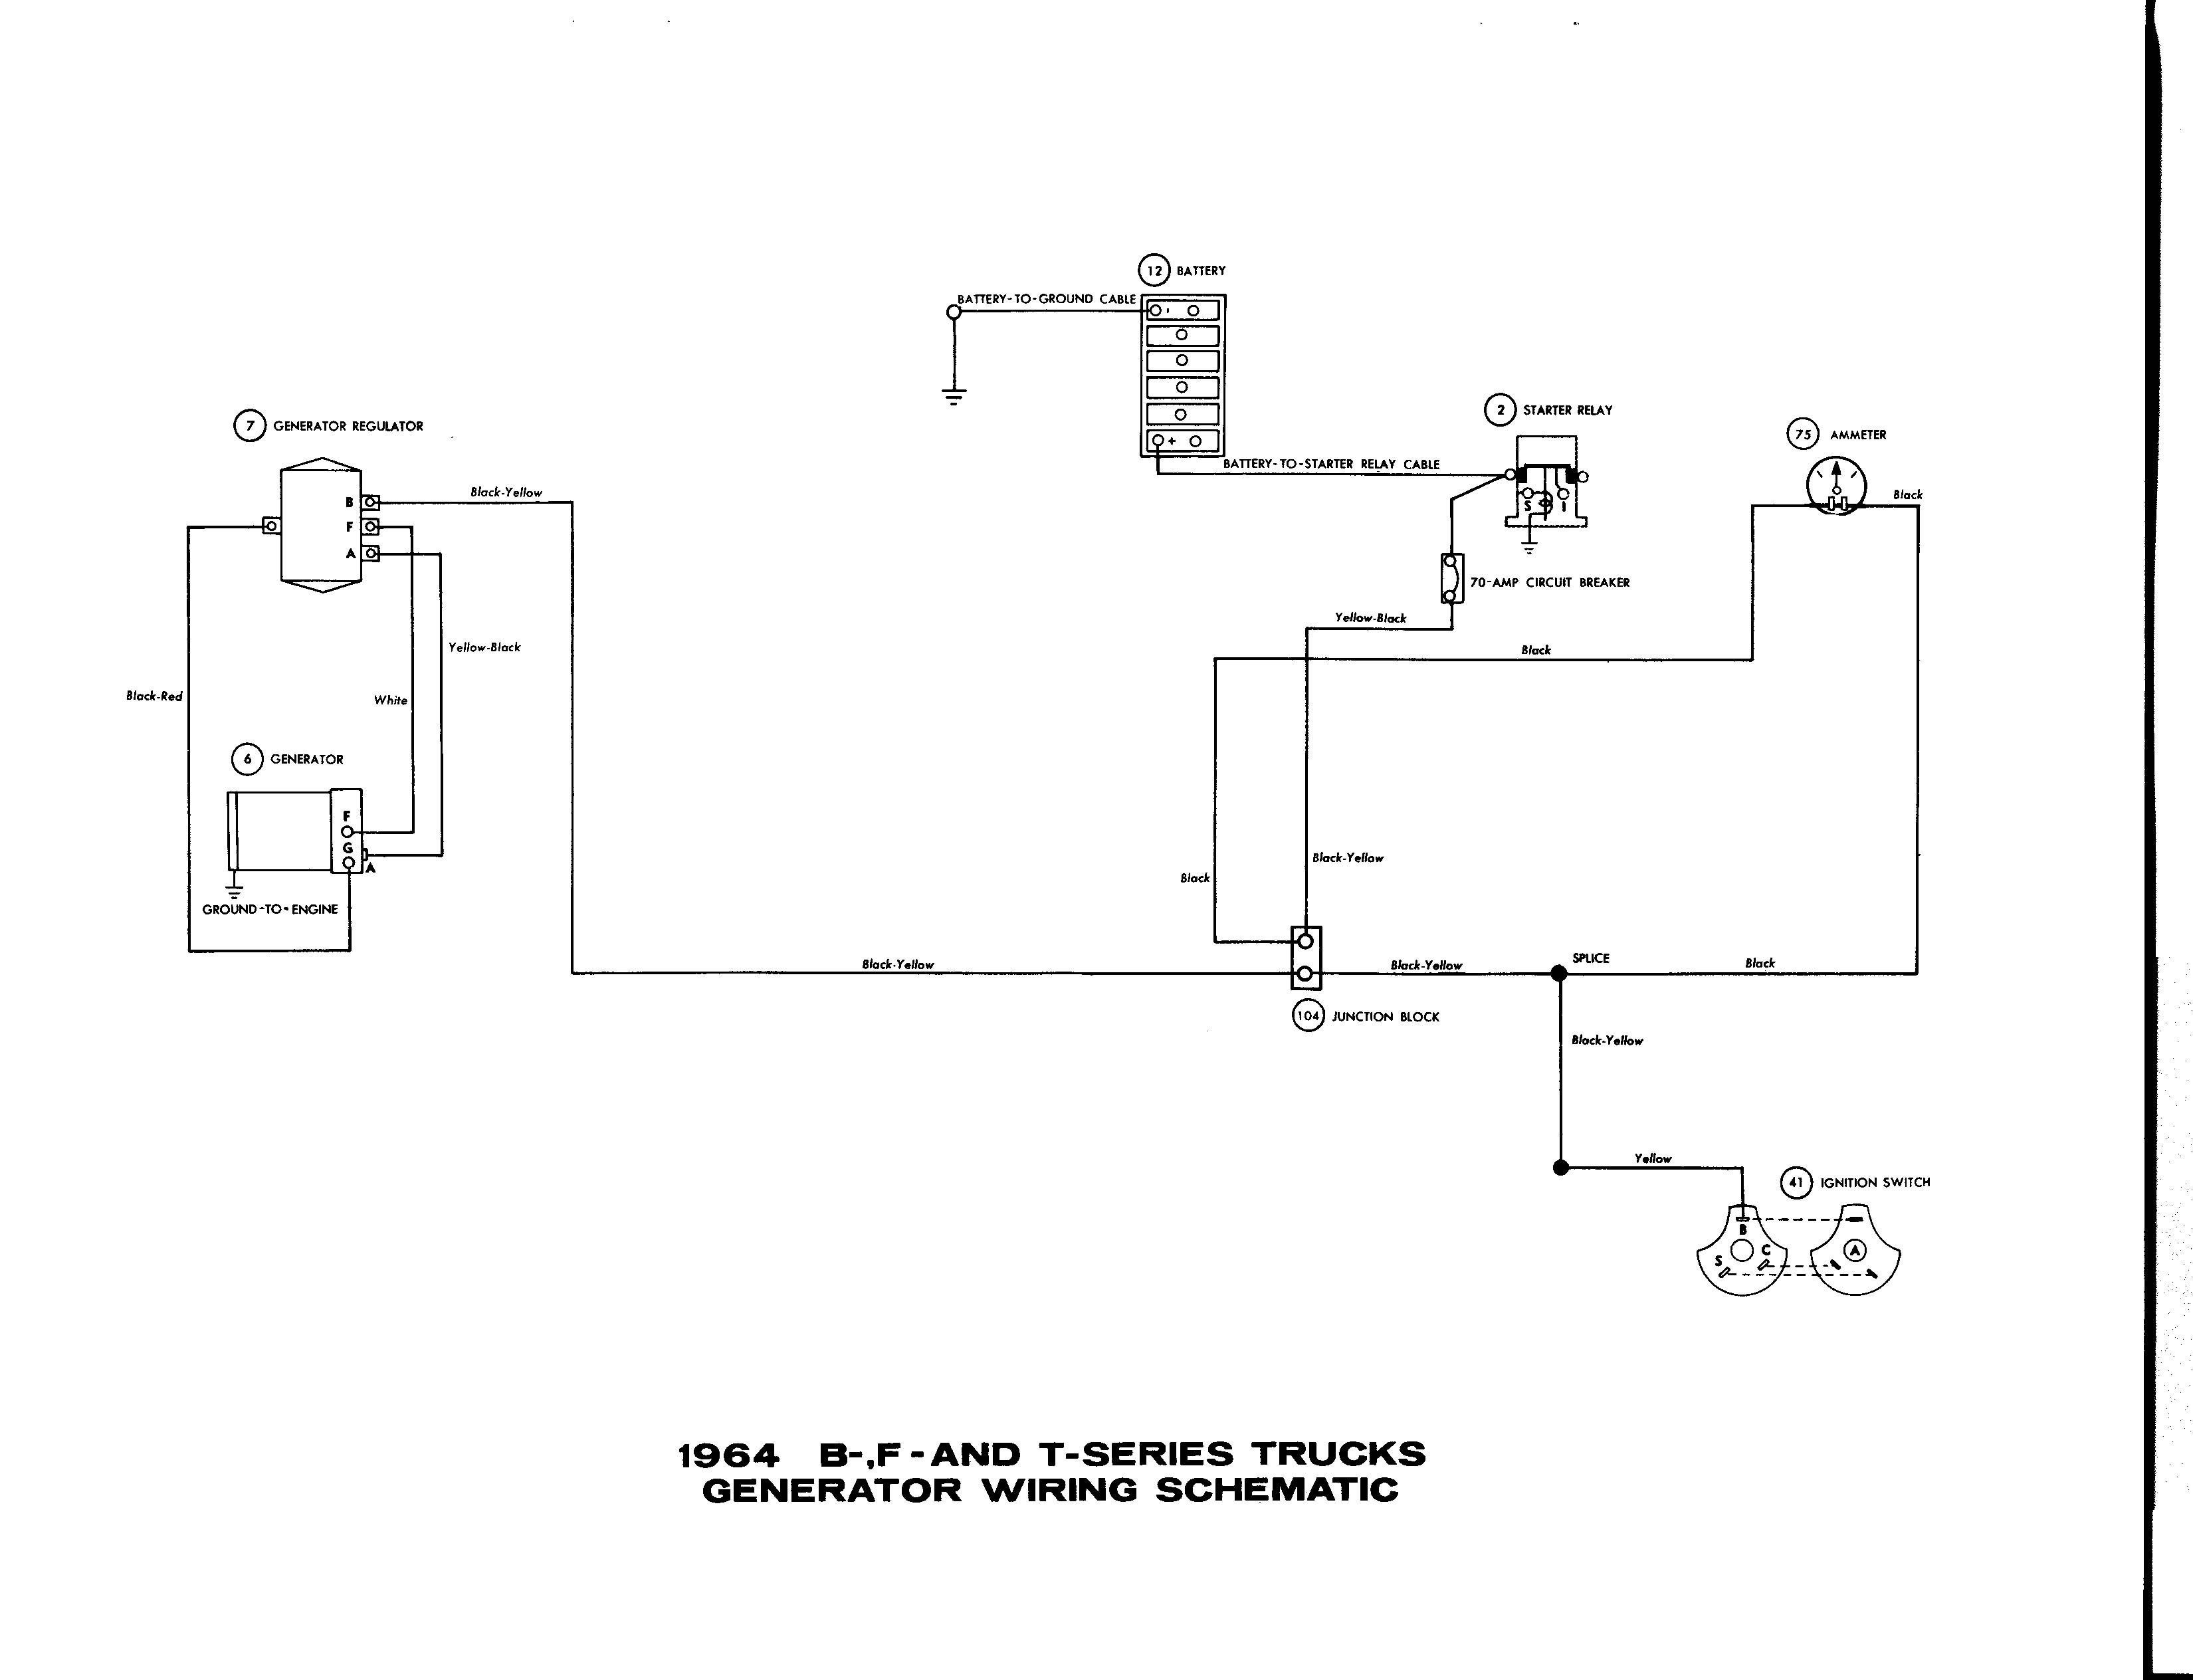 Ford One Wire Alternator Wiring | Wiring Liry One Wire Alternator Schematic on